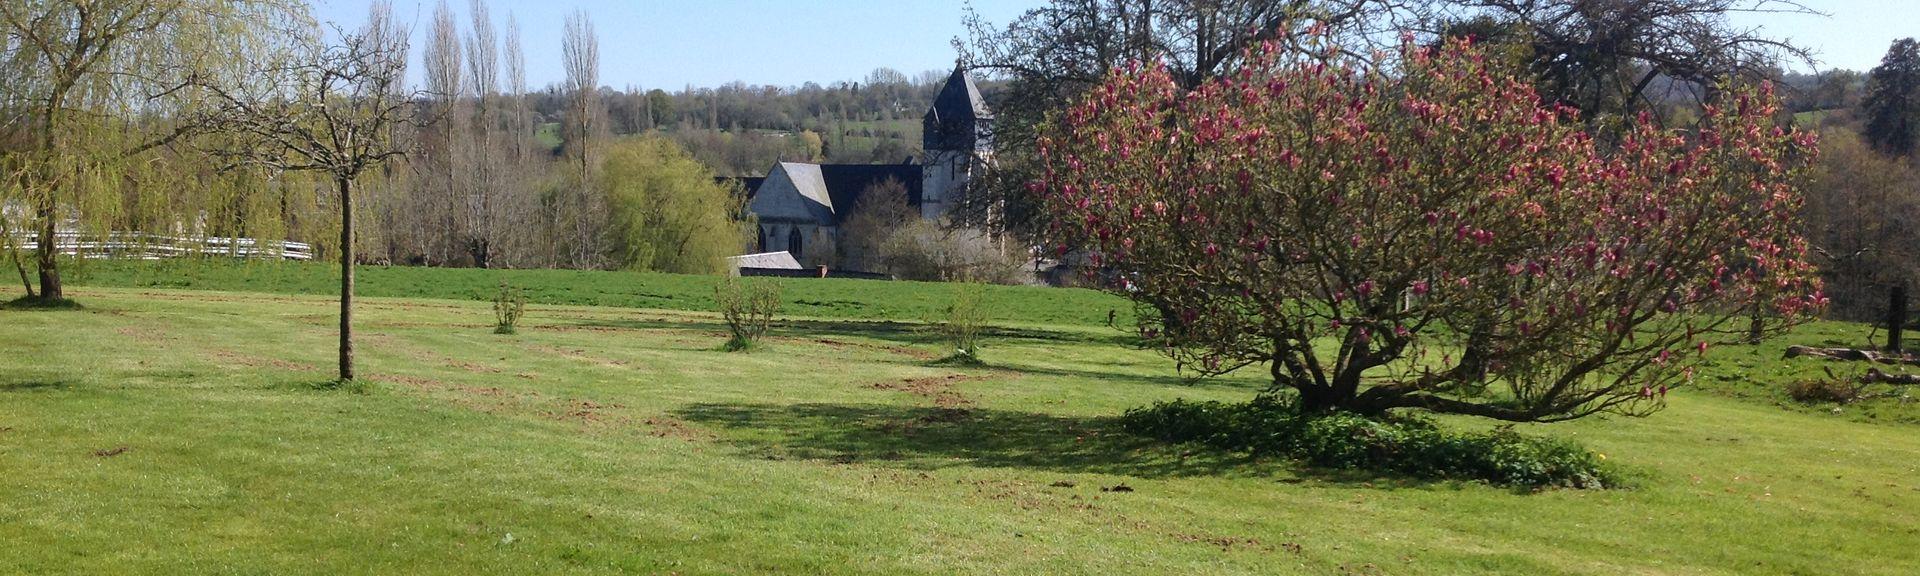 Gonneville-sur-Honfleur, Normandië, Frankrijk